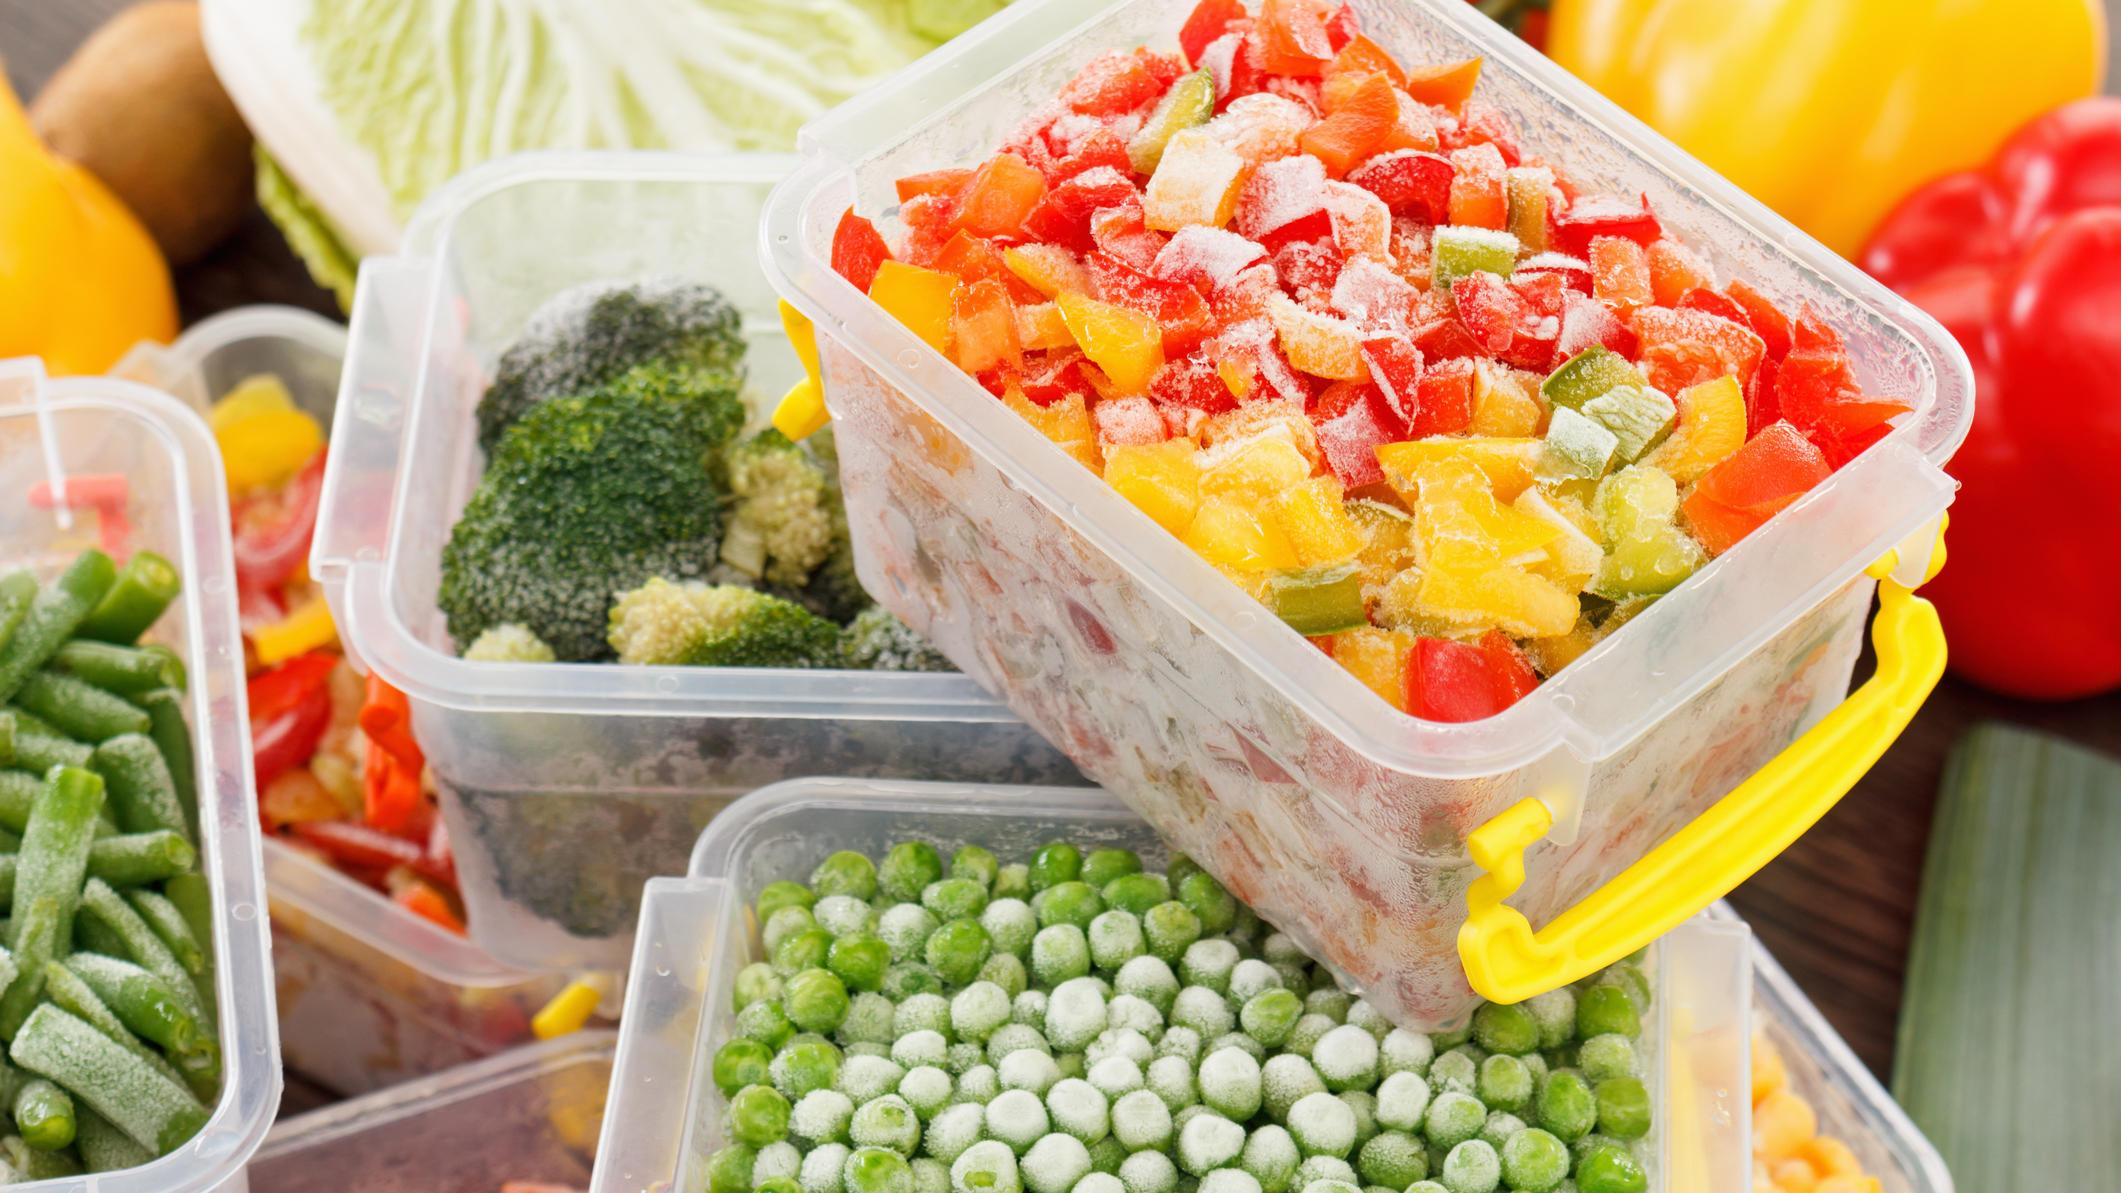 Gesunde Verdauung: Lebensmittel richtig kombinieren